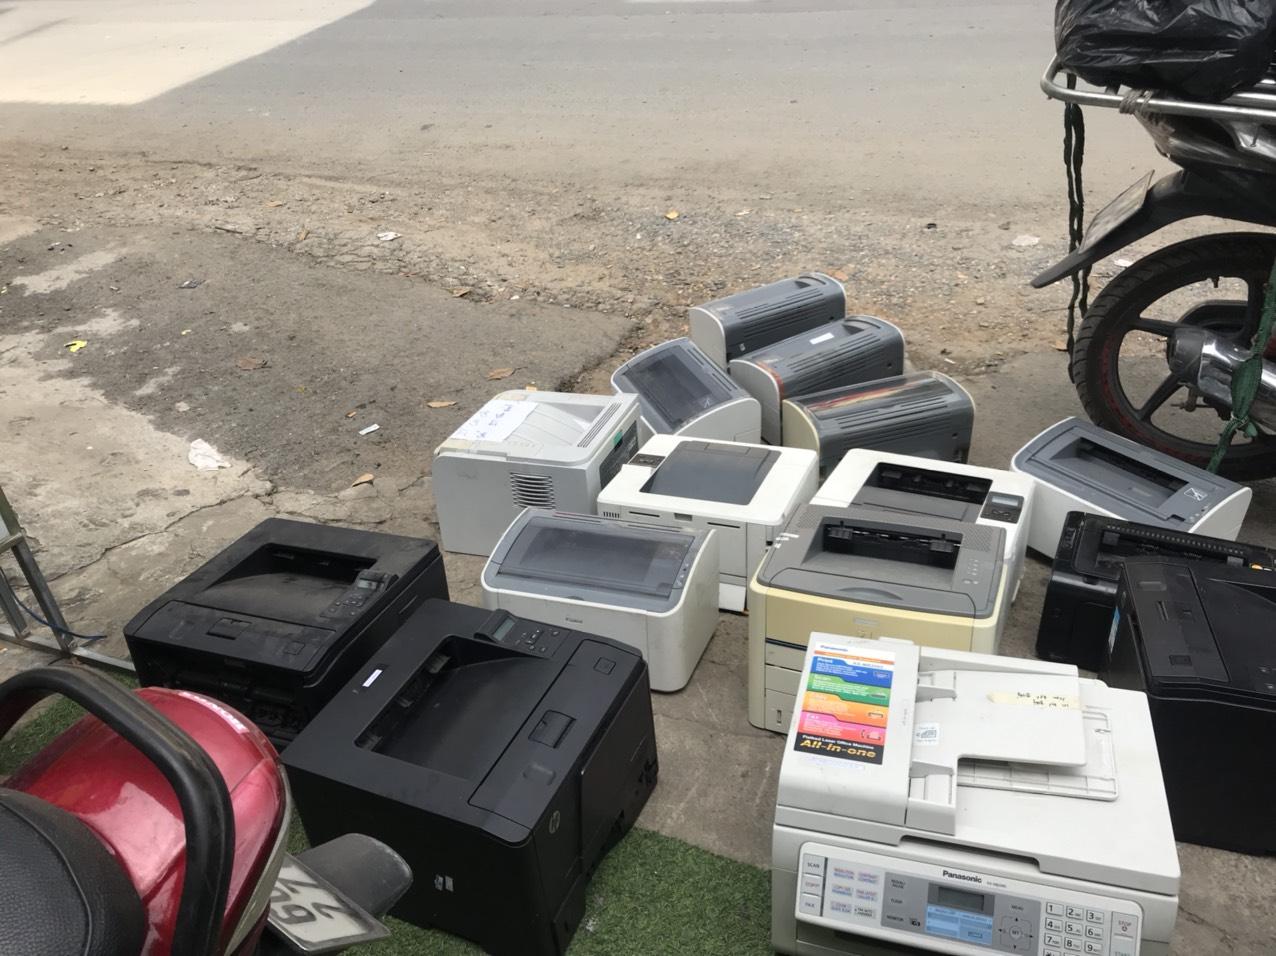 Tìm máy in thanh lý tại Tân Phú không khó nếu tham khảo Quốc Kiệt